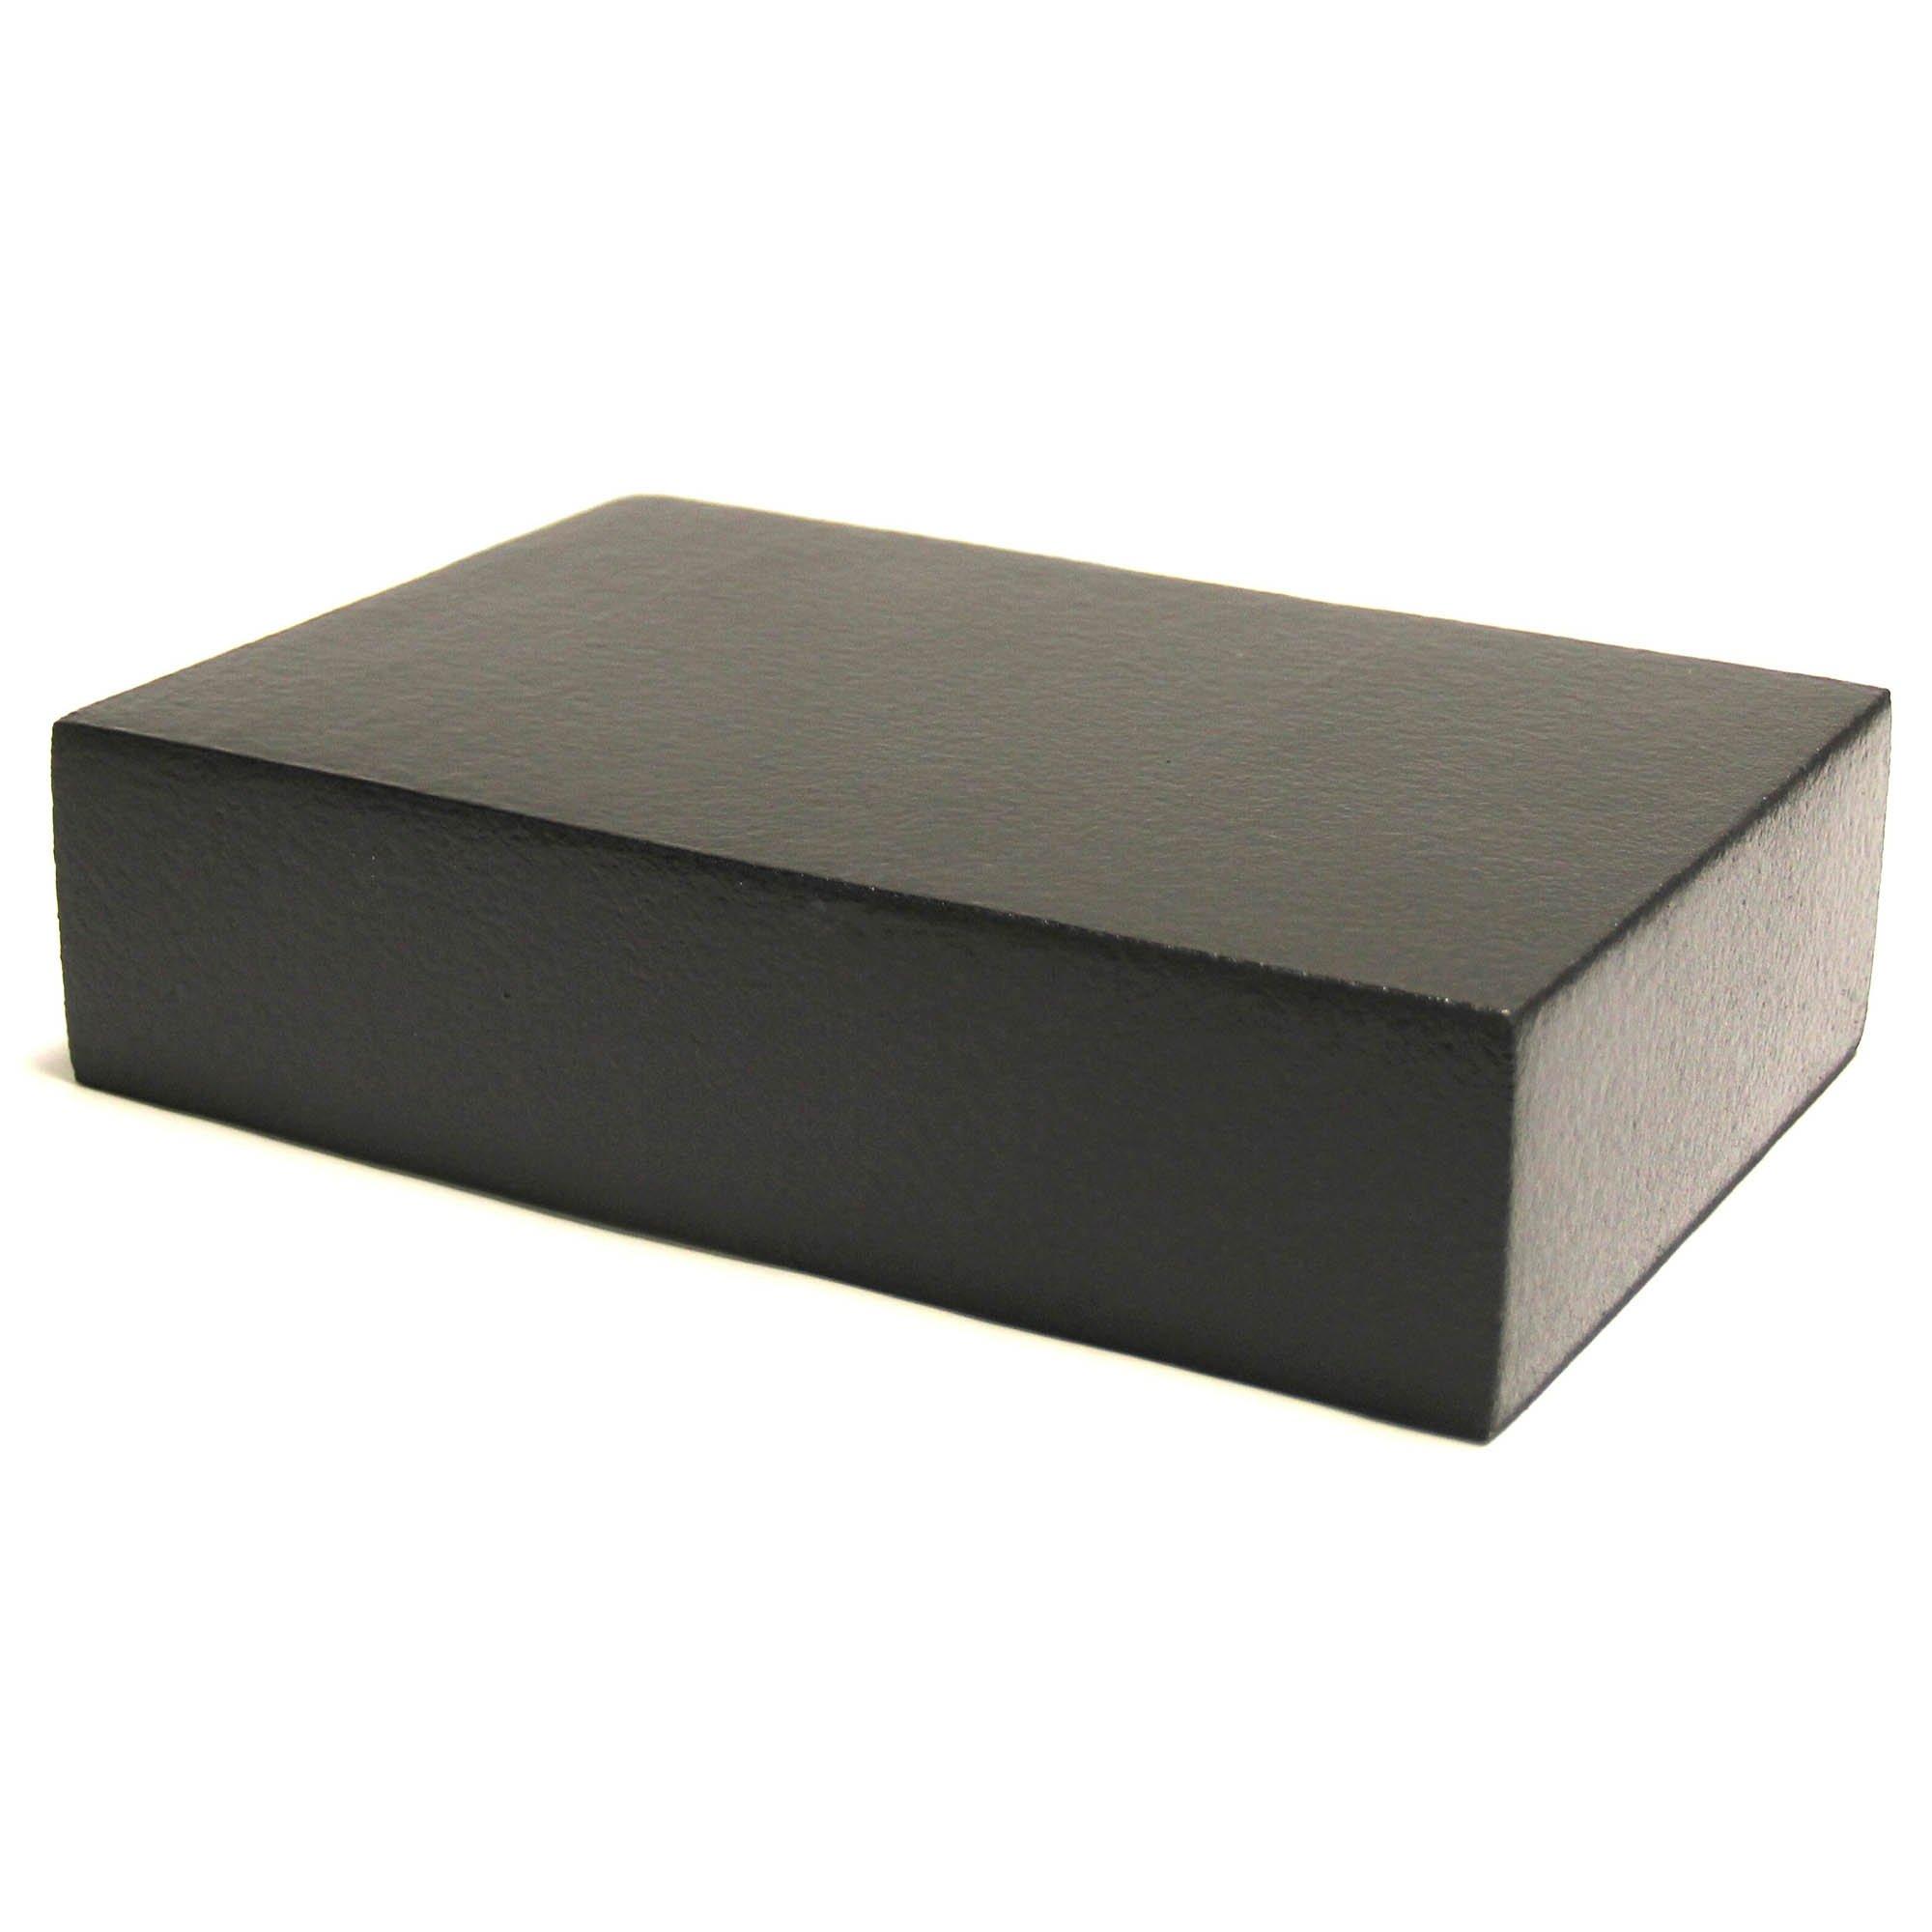 Rectangle Foam Positioner - ScanCoat Black - 3